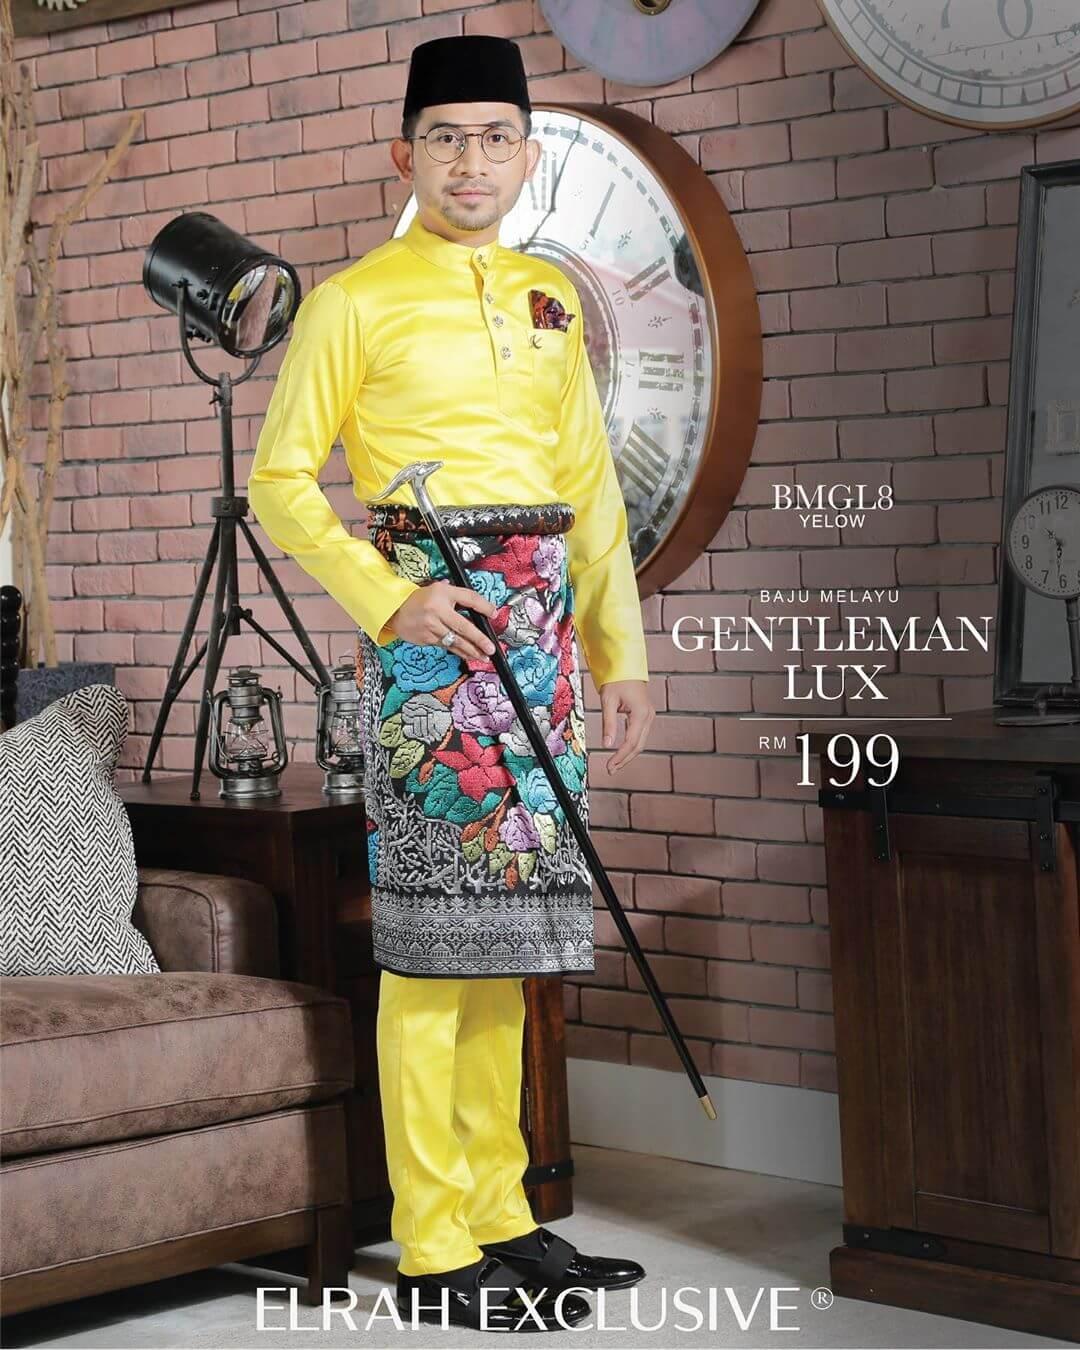 Baju Melayu Gentleman Lux Yellow